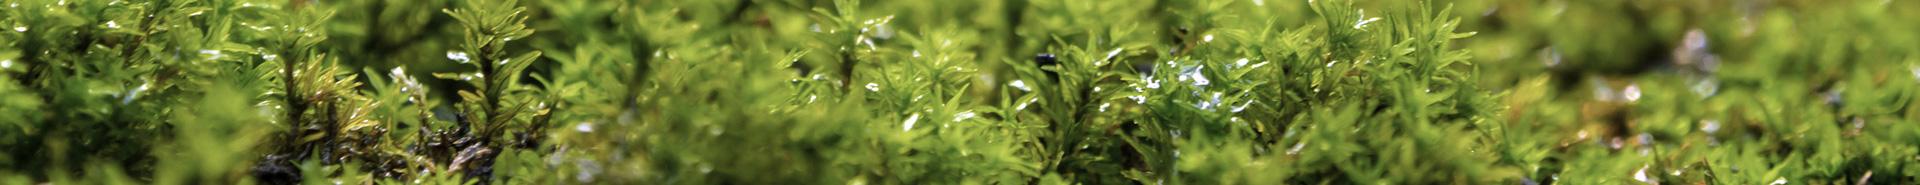 Viele kleine grüne Pflanzen